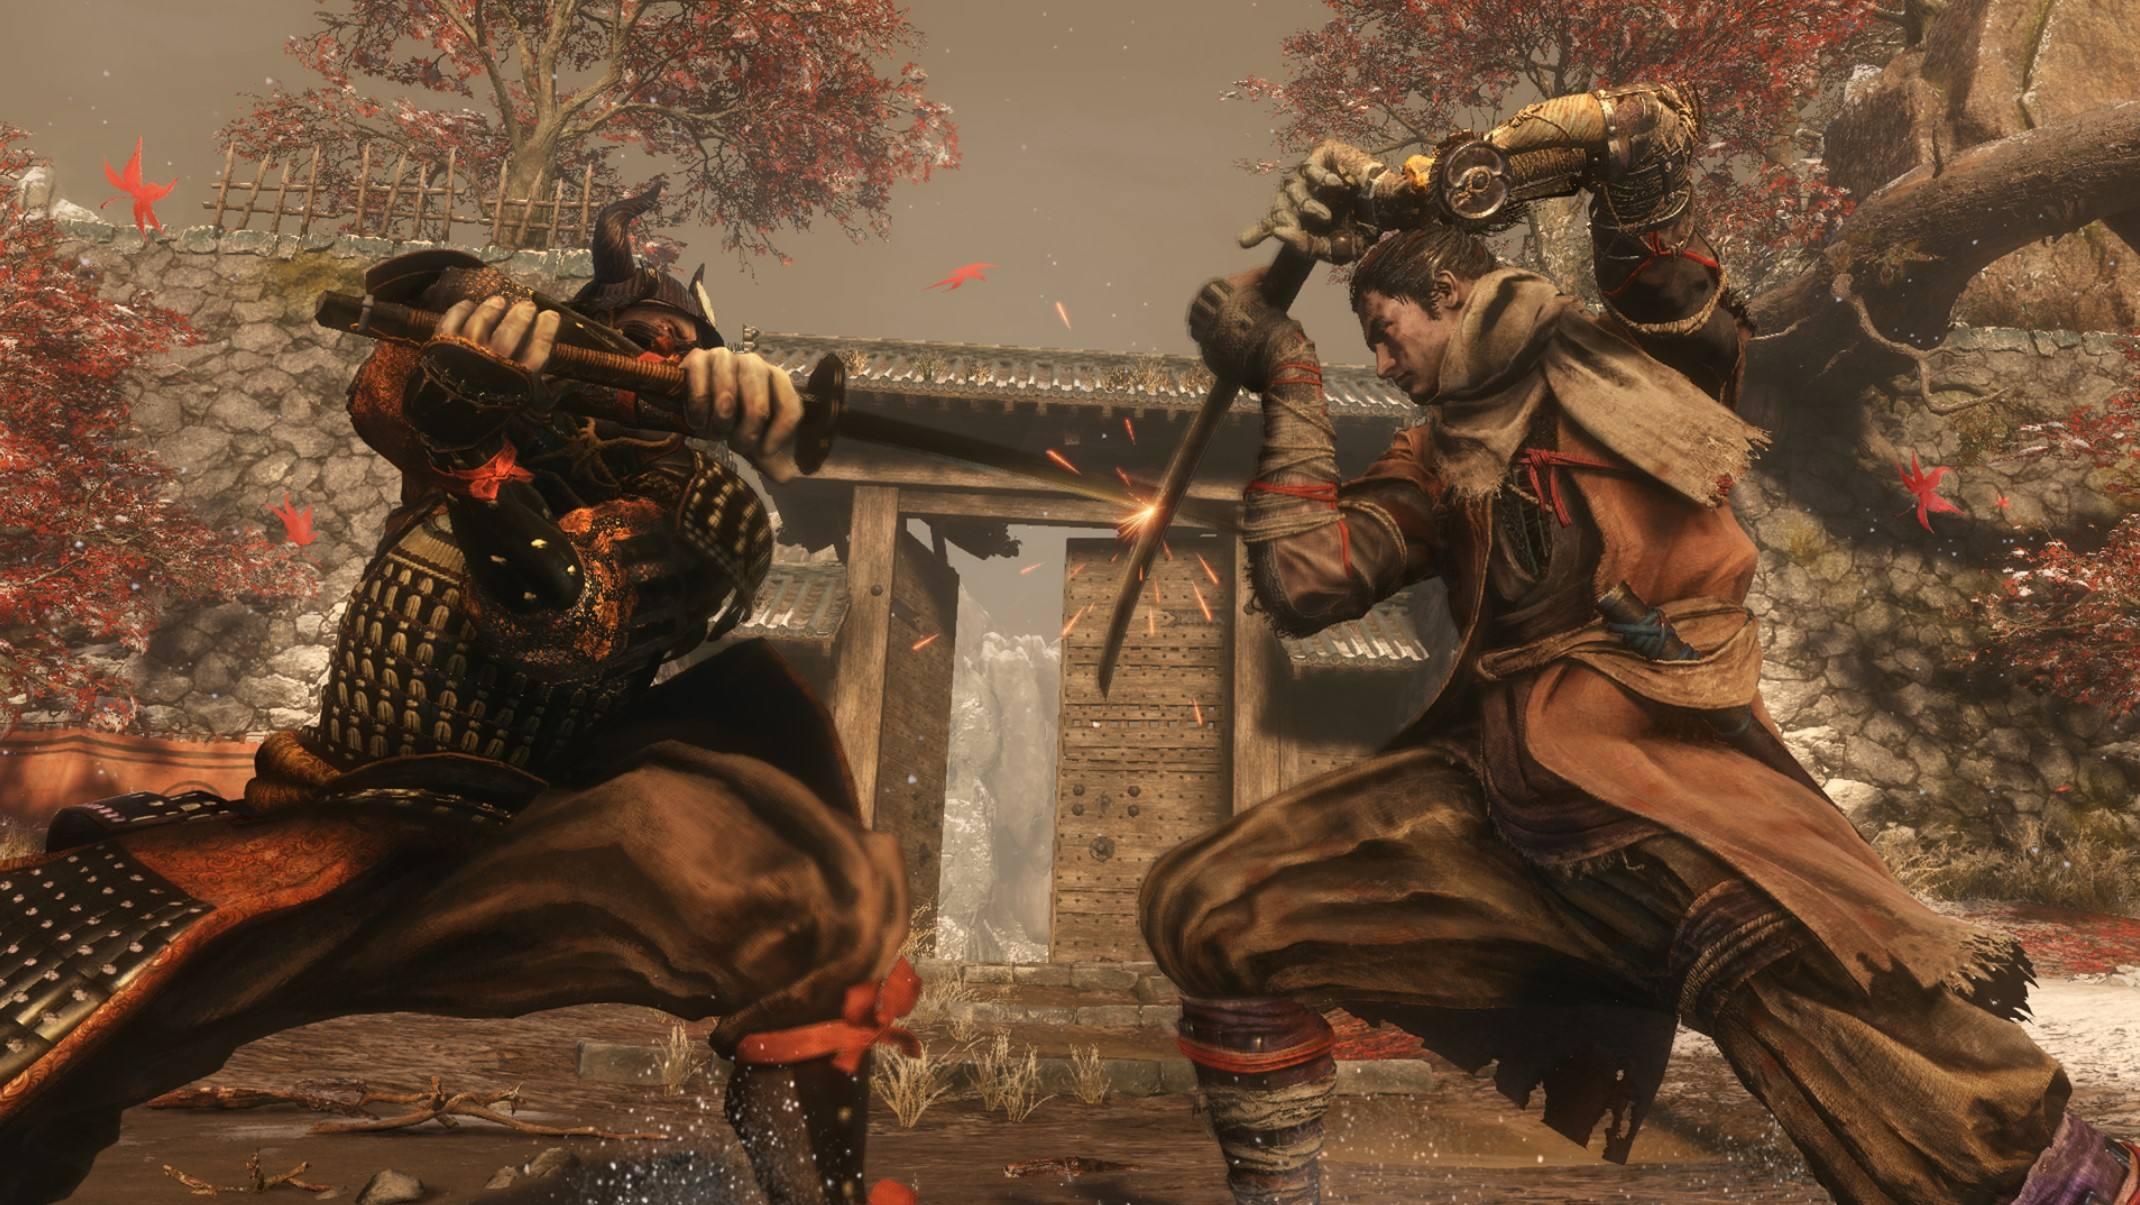 日本游戏一周销量:《EDF》登顶《只狼》保持二位